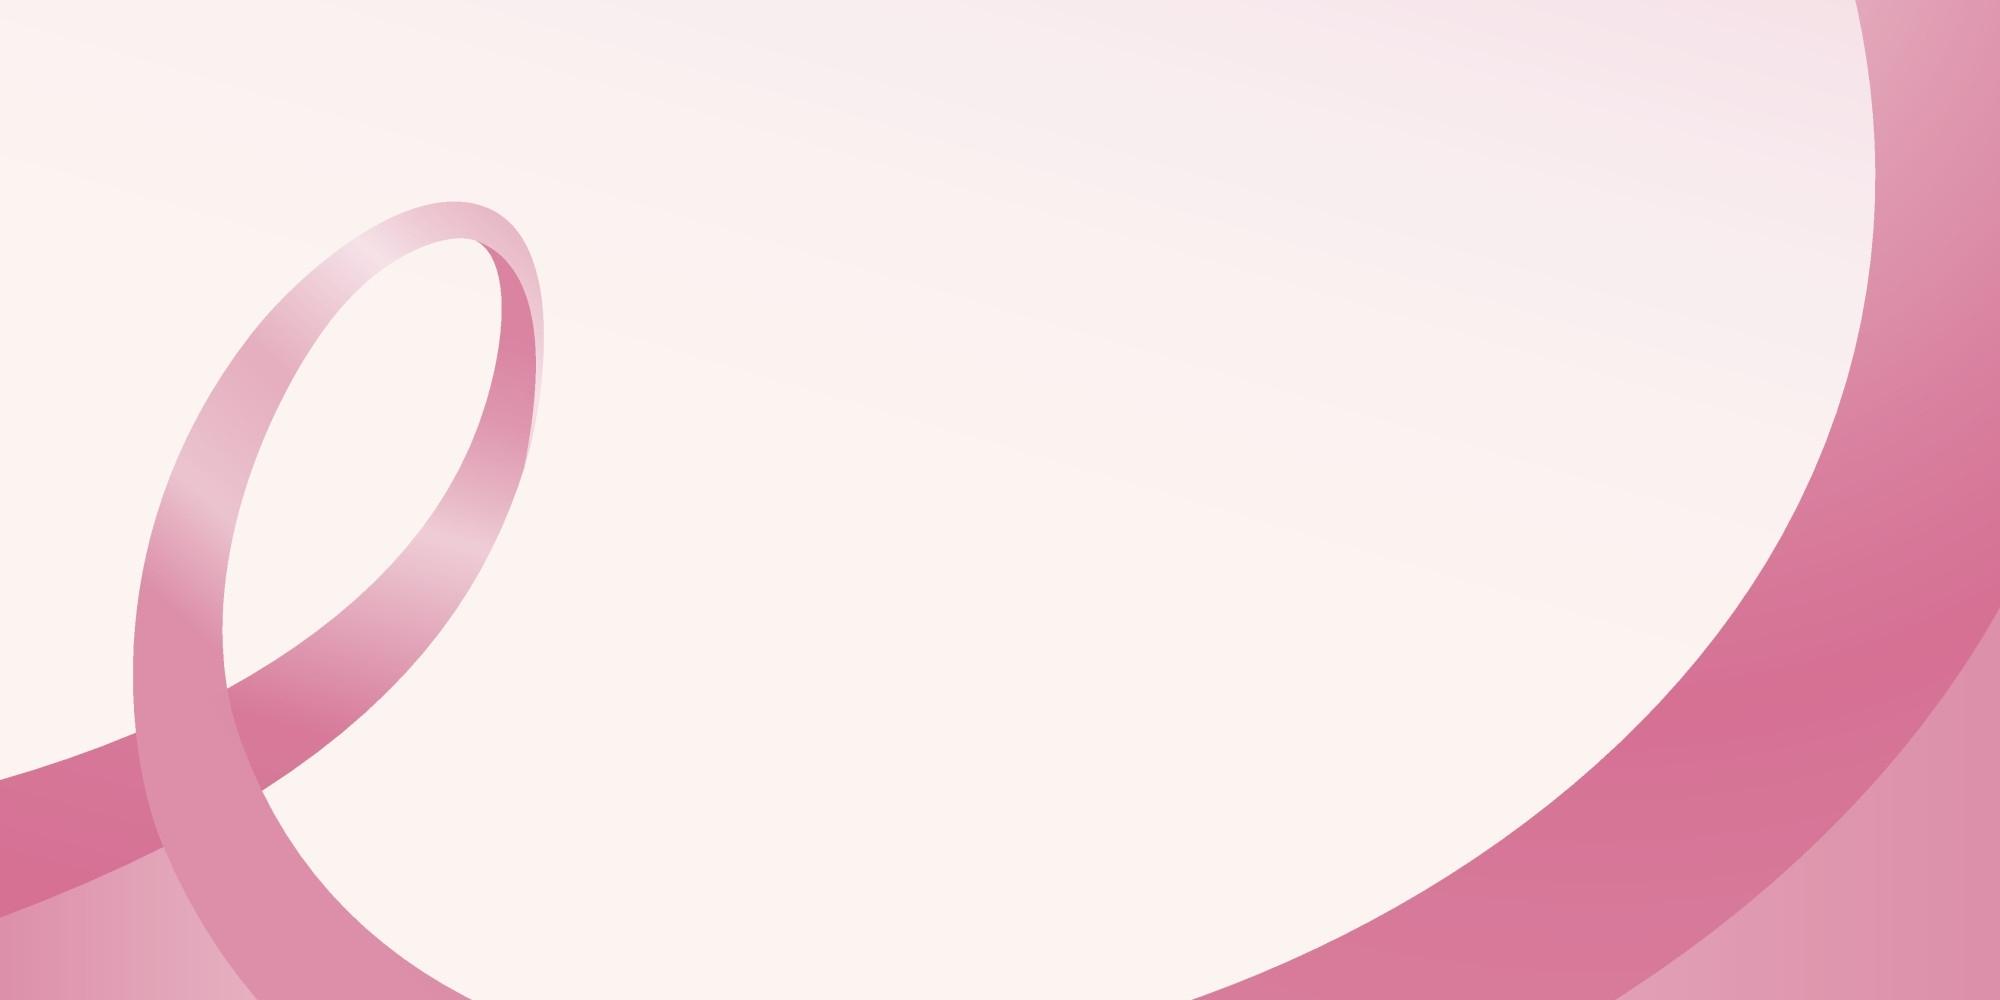 hd breast cancer backgrounds | pixelstalk